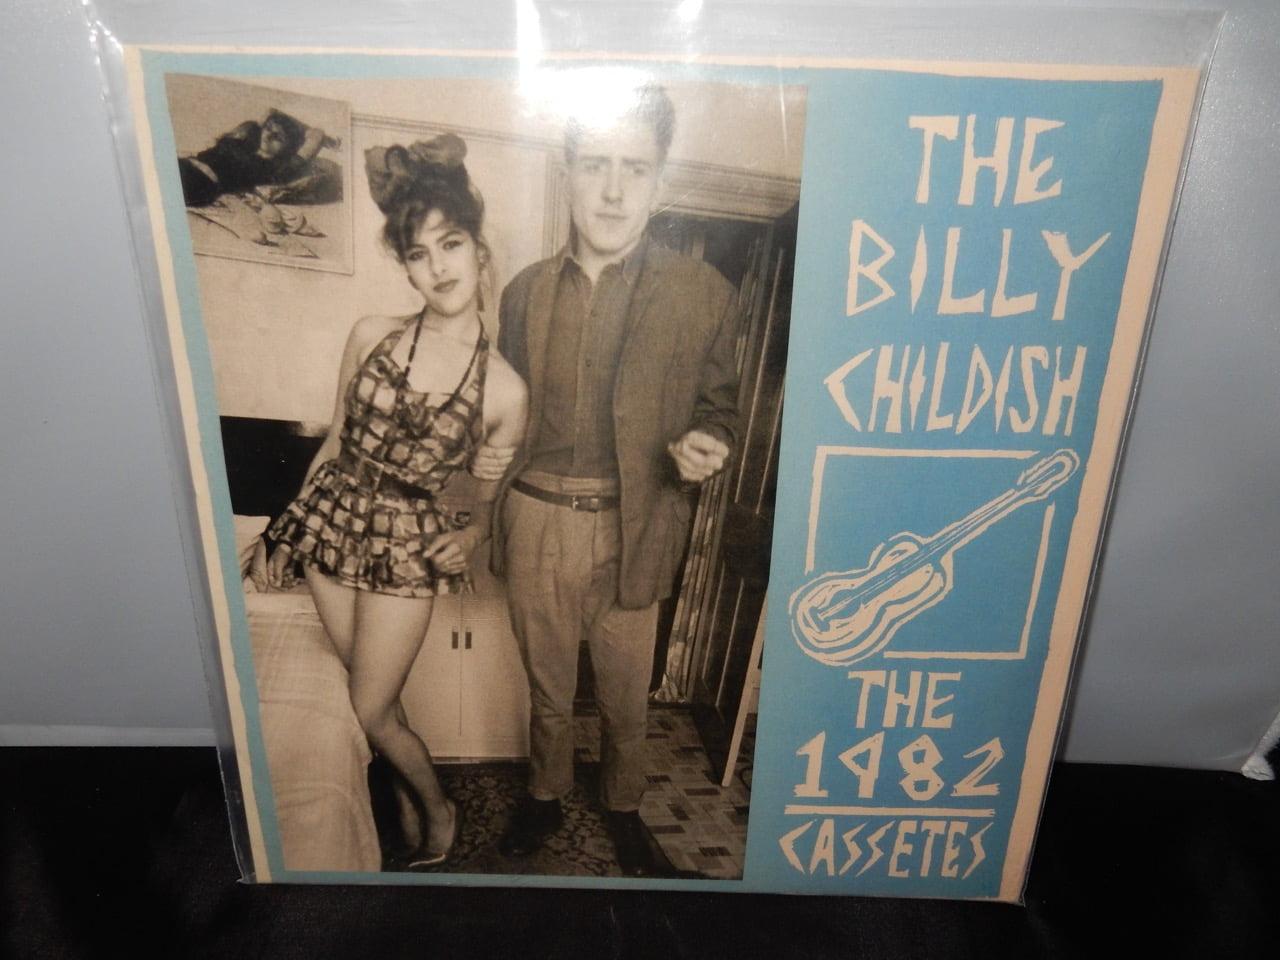 Billy Childish reissue